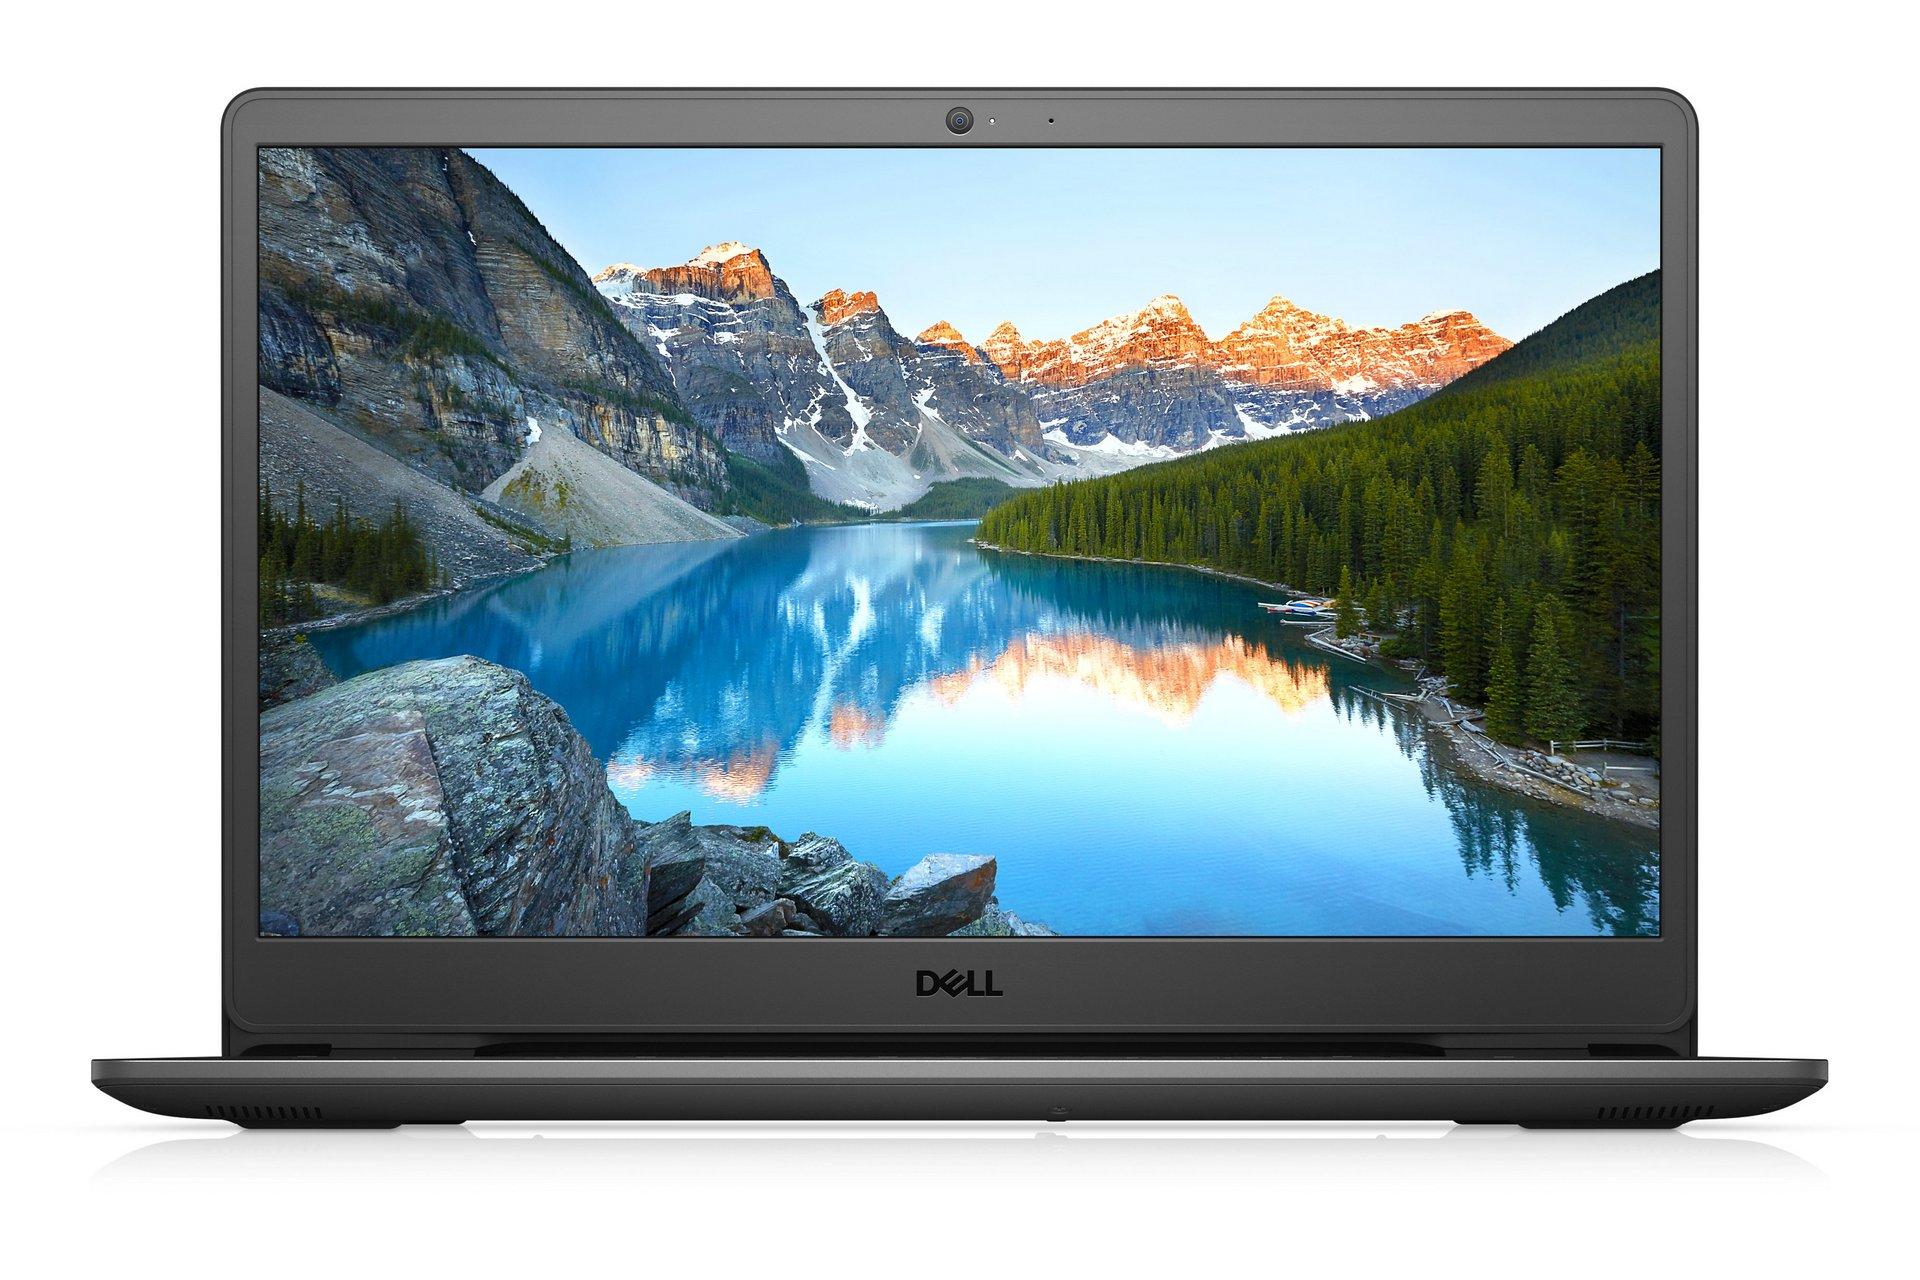 Dell Inspiron 3505 Y1N1T1